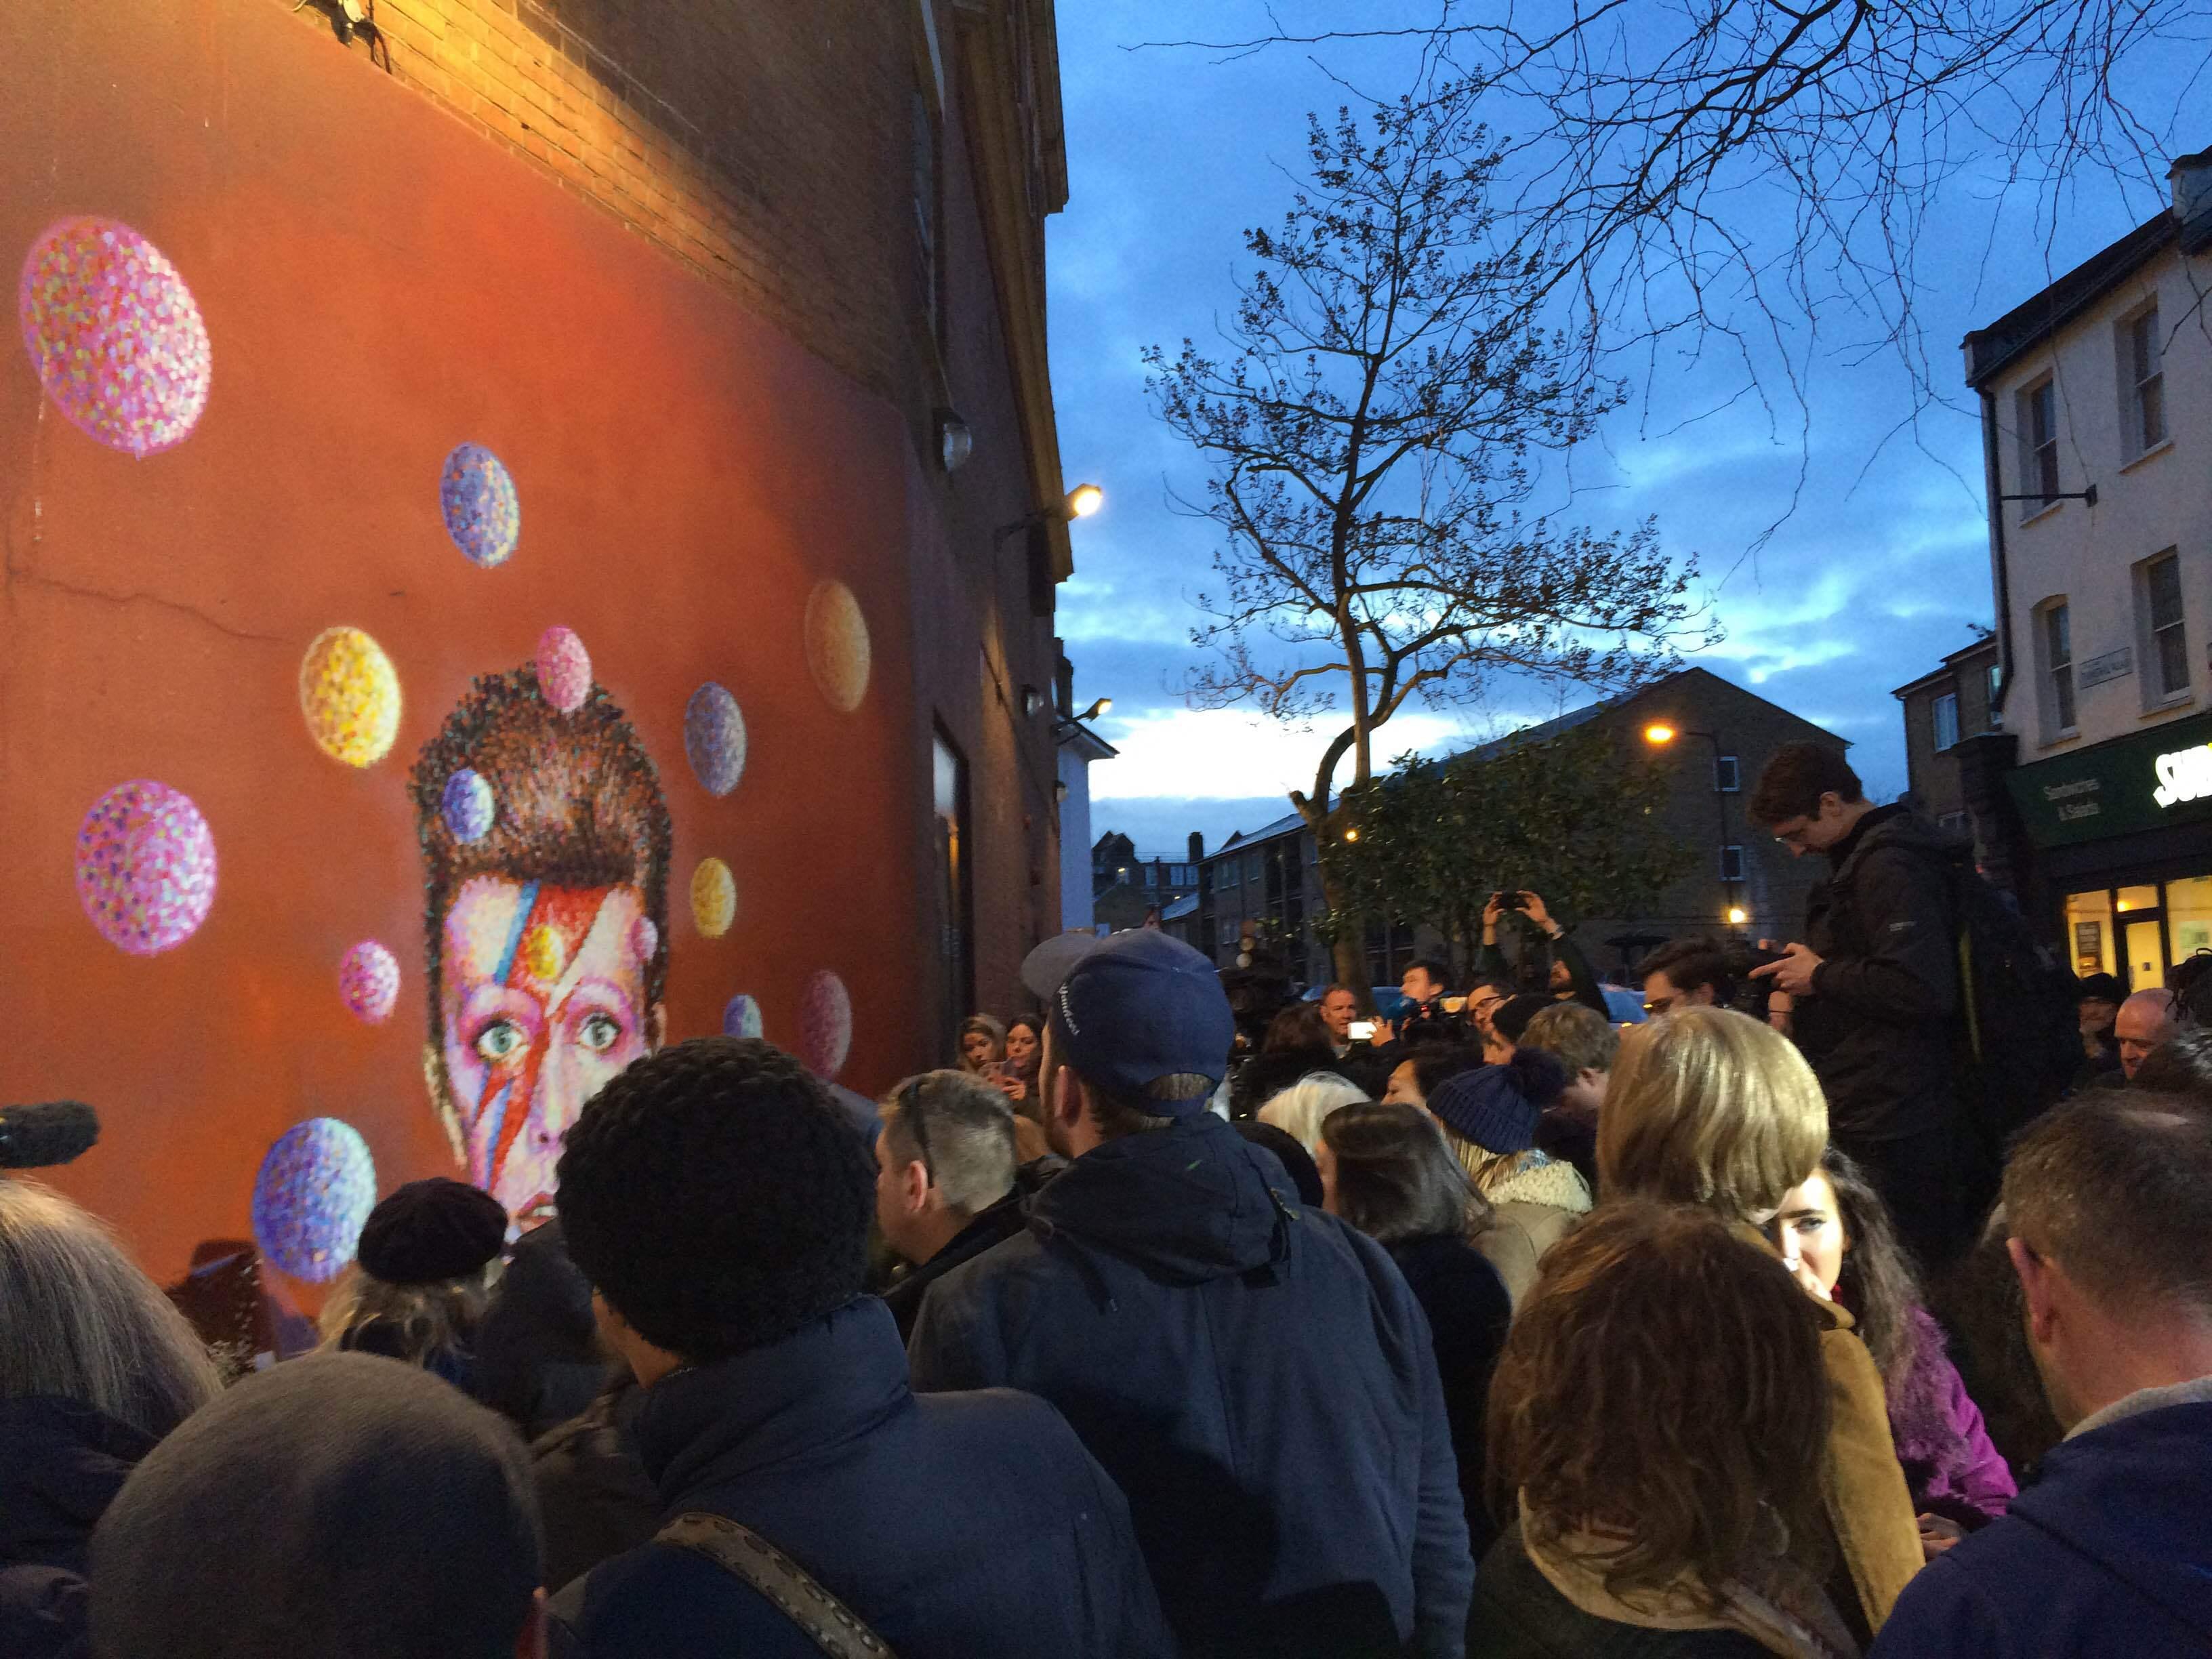 Stor trängsel kring väggmålningen av Bowie.